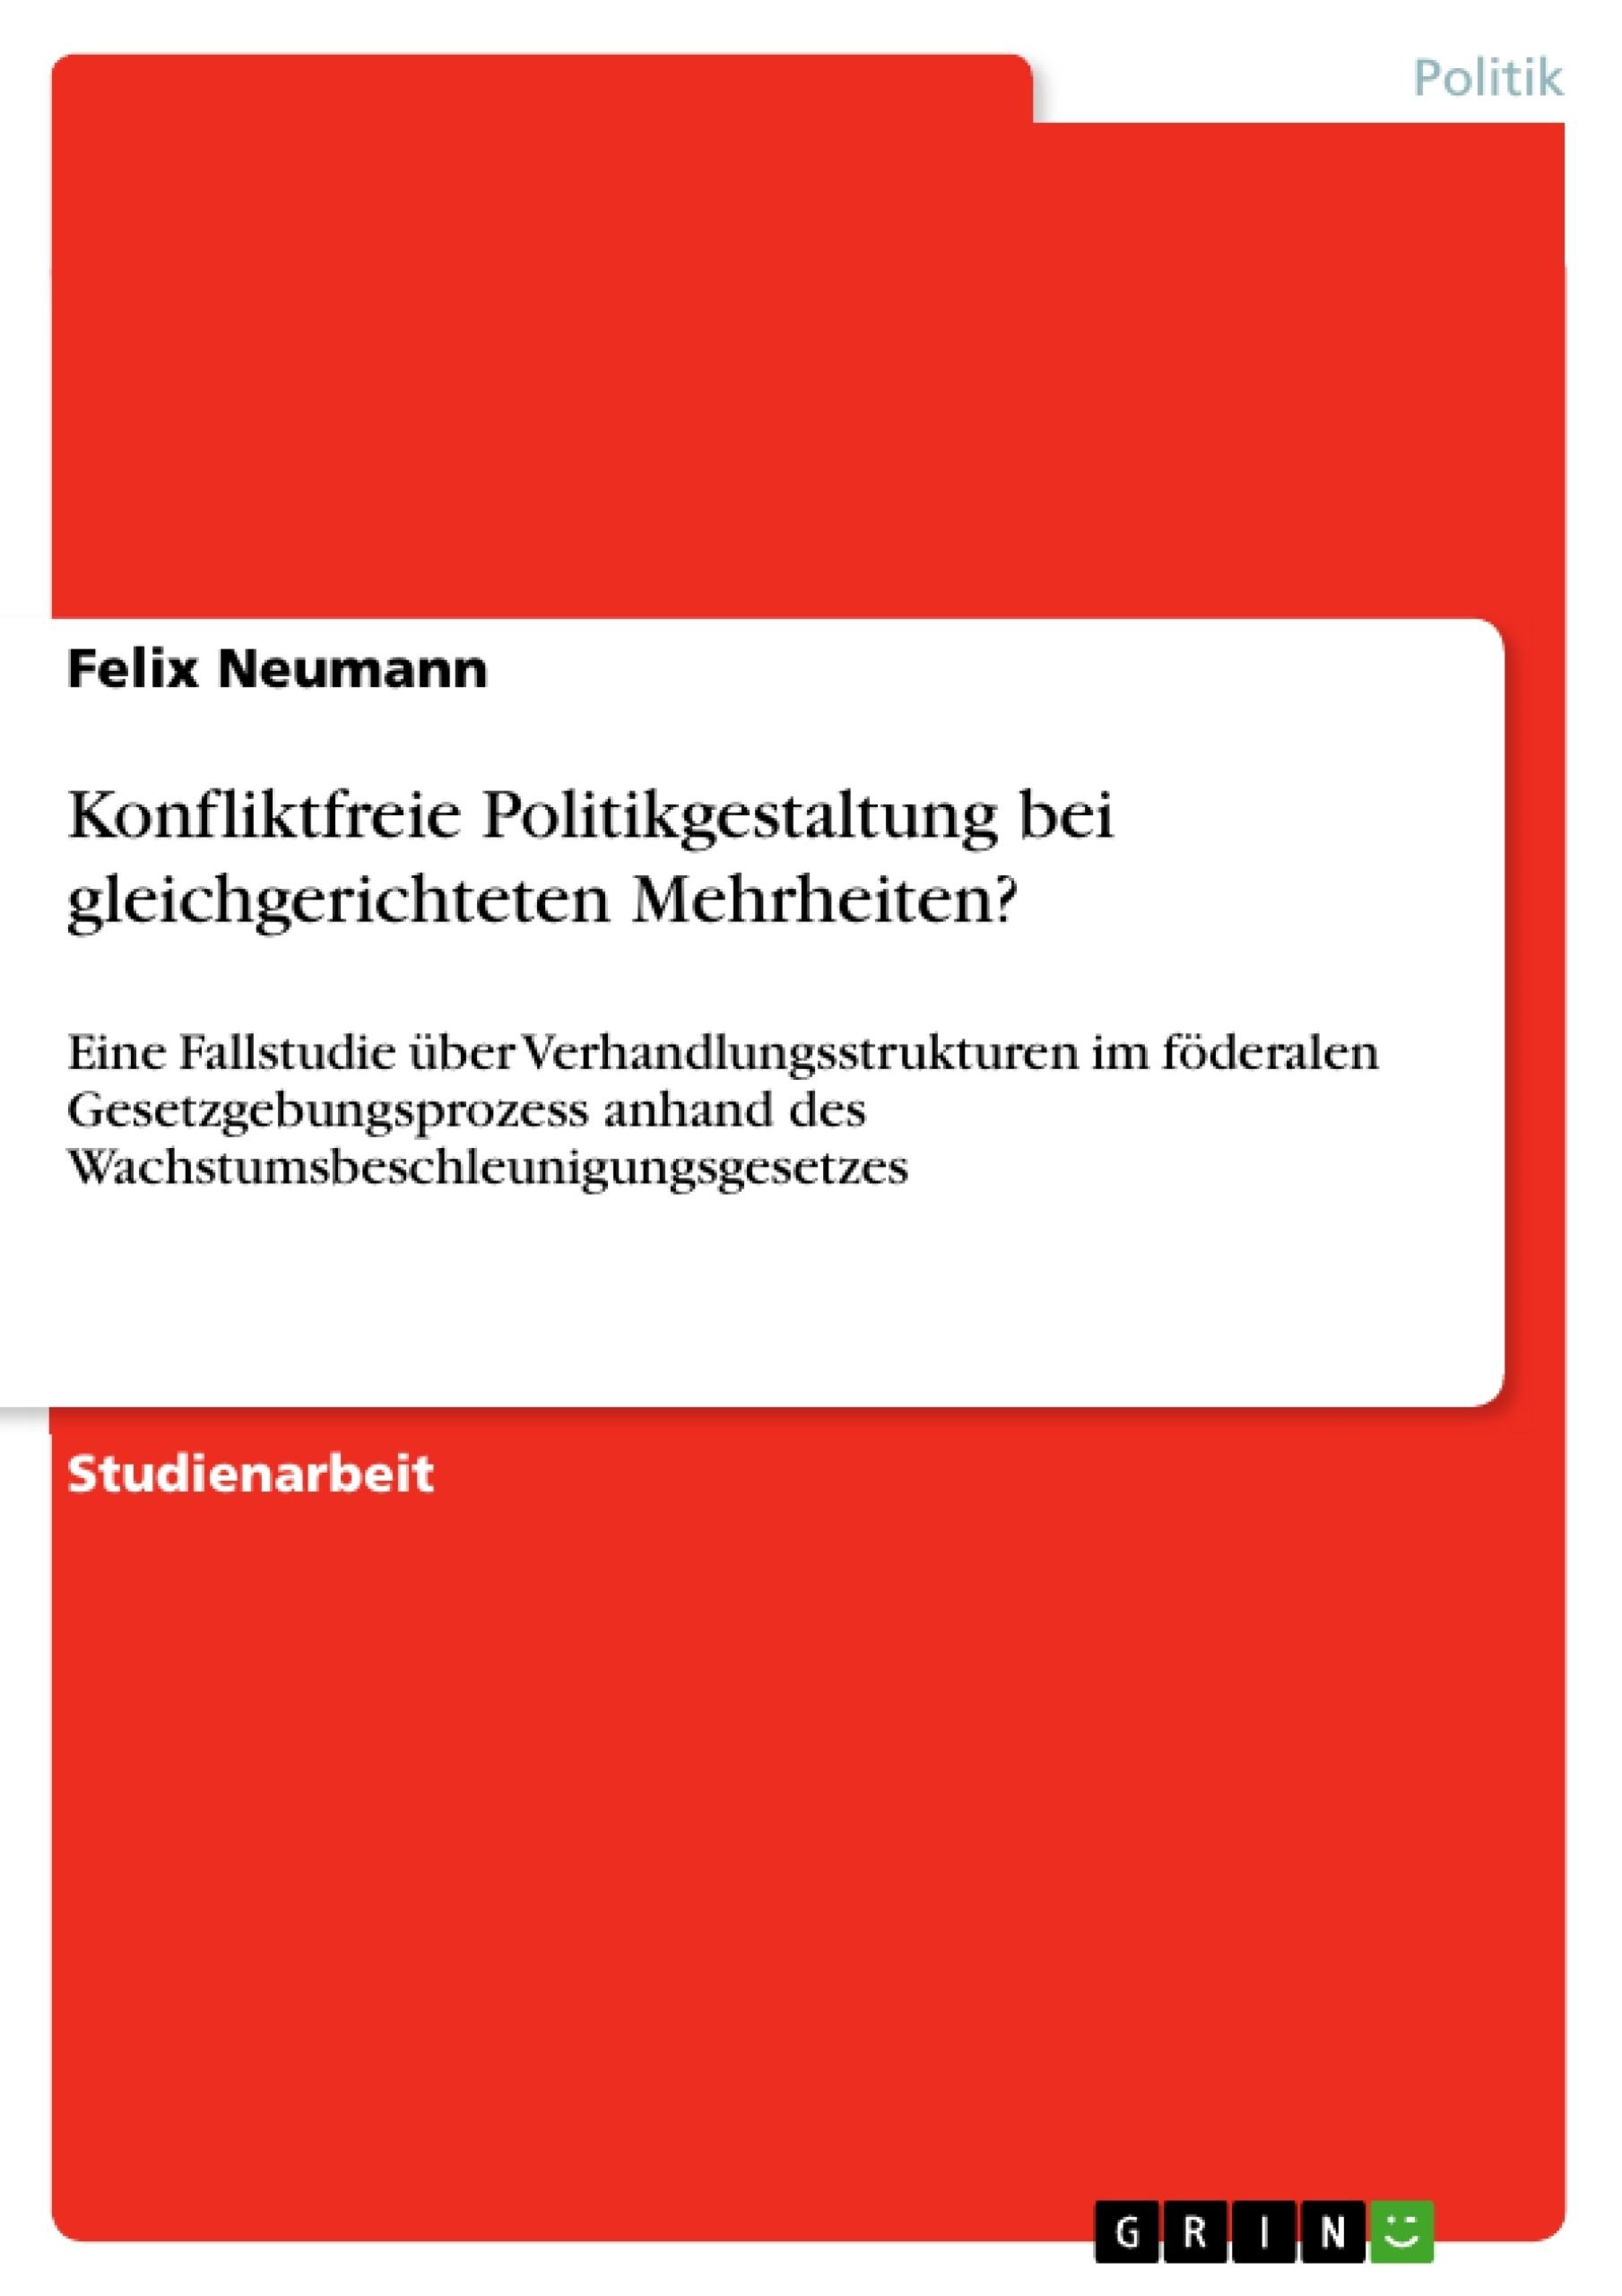 Titel: Konfliktfreie Politikgestaltung bei gleichgerichteten Mehrheiten?